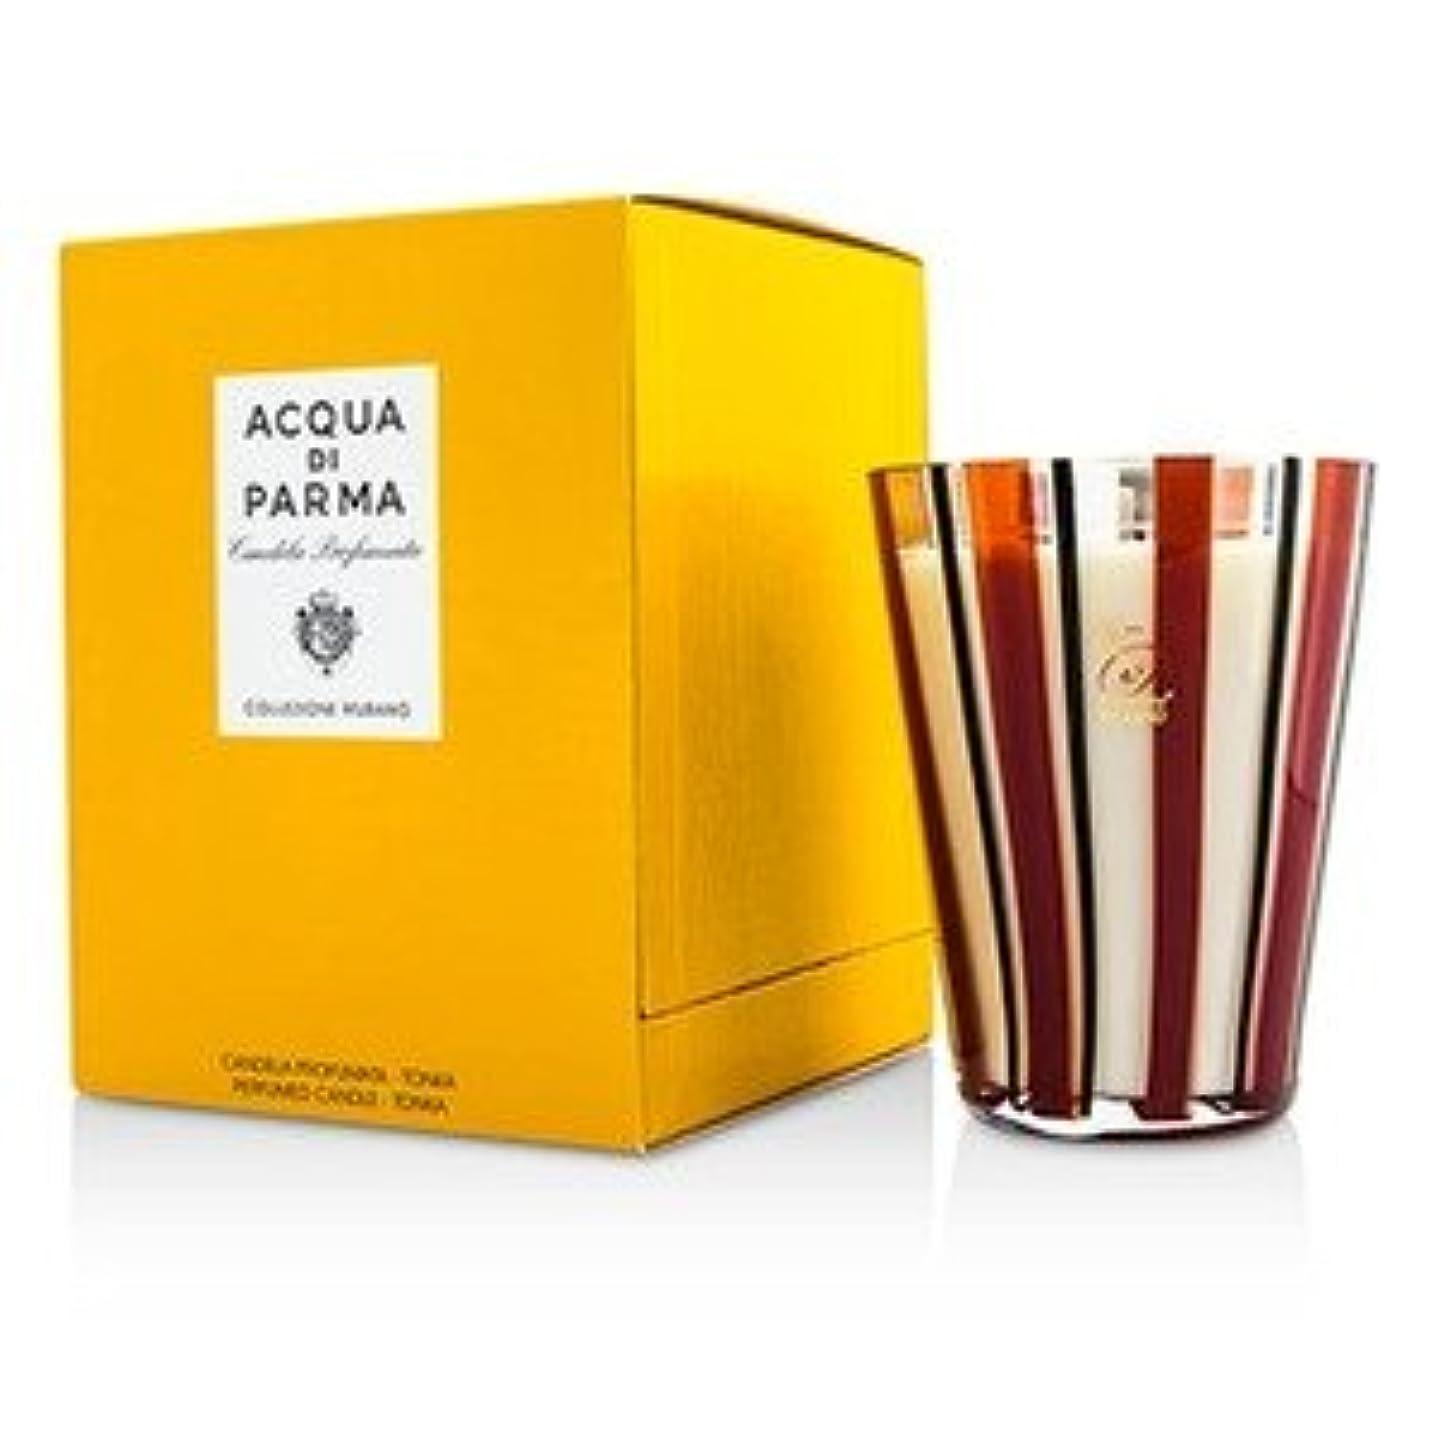 祝福可決写真を撮るアクア ディ パルマ[Acqua Di Parma] ムラノ グラス パフューム キャンドル - Tonka 200g/7.05oz [並行輸入品]